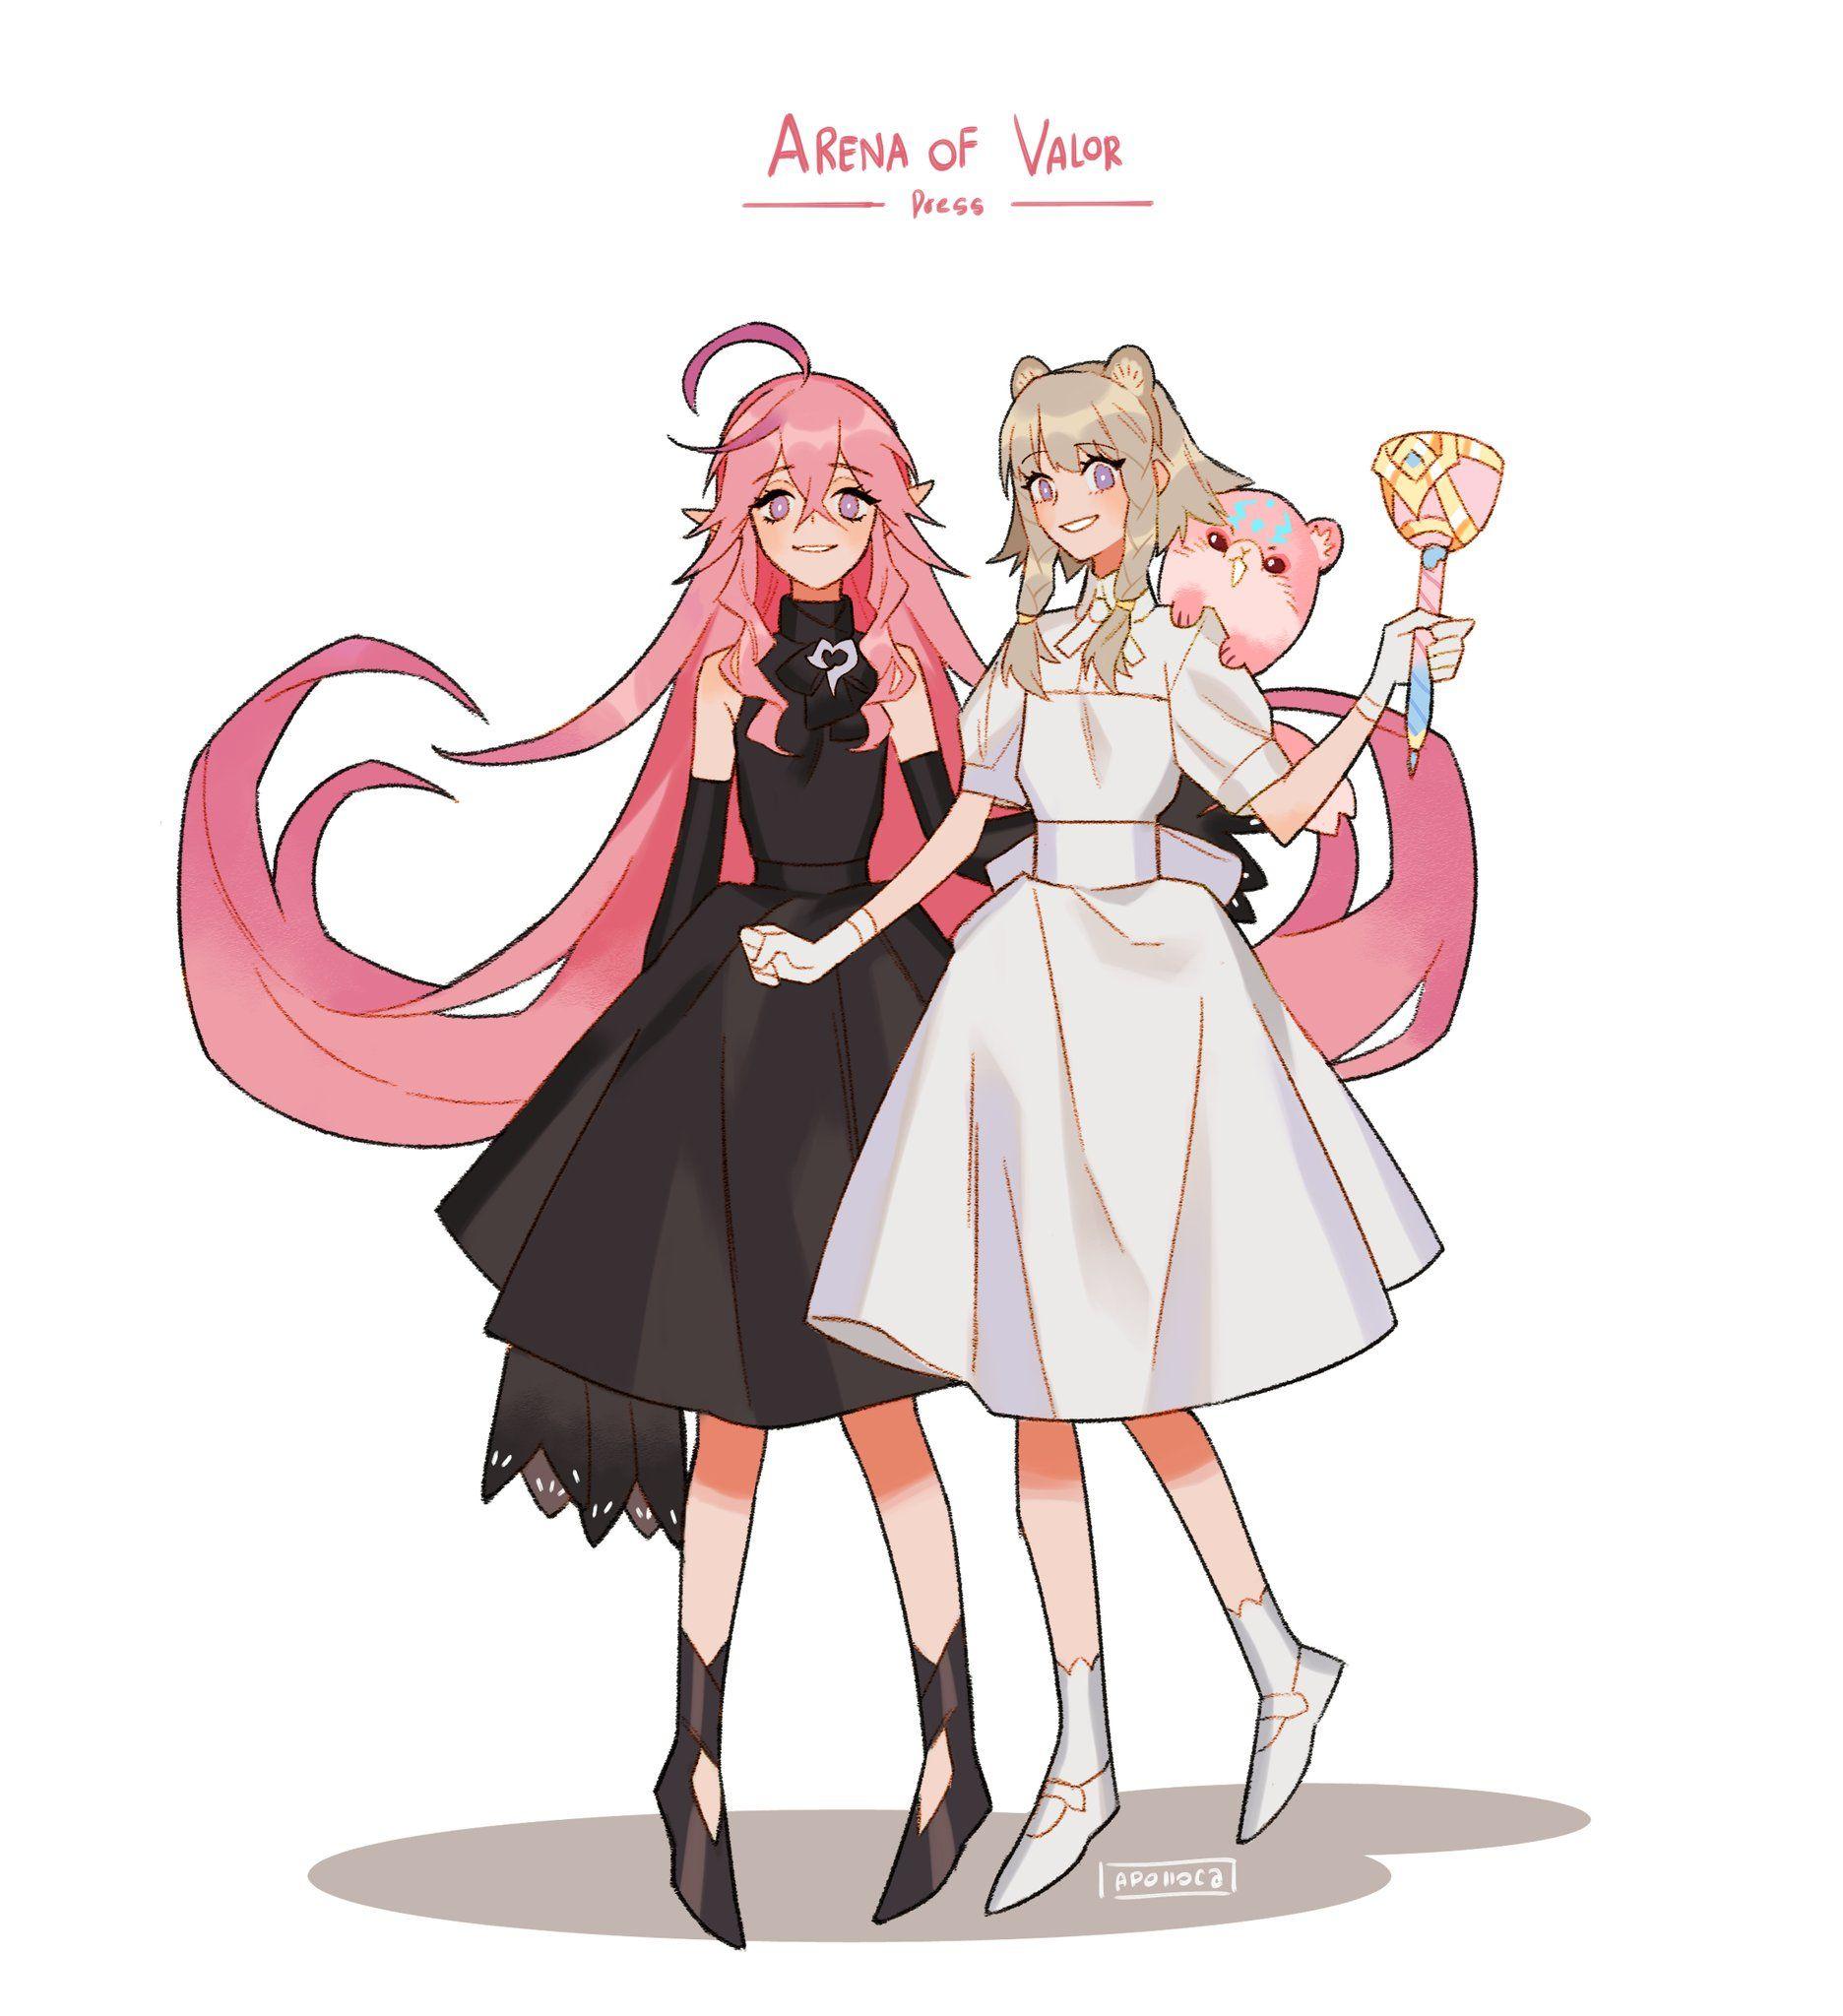 D น วล Feat นอนน อย On Twitter Anime Fan Art Anime Drawings